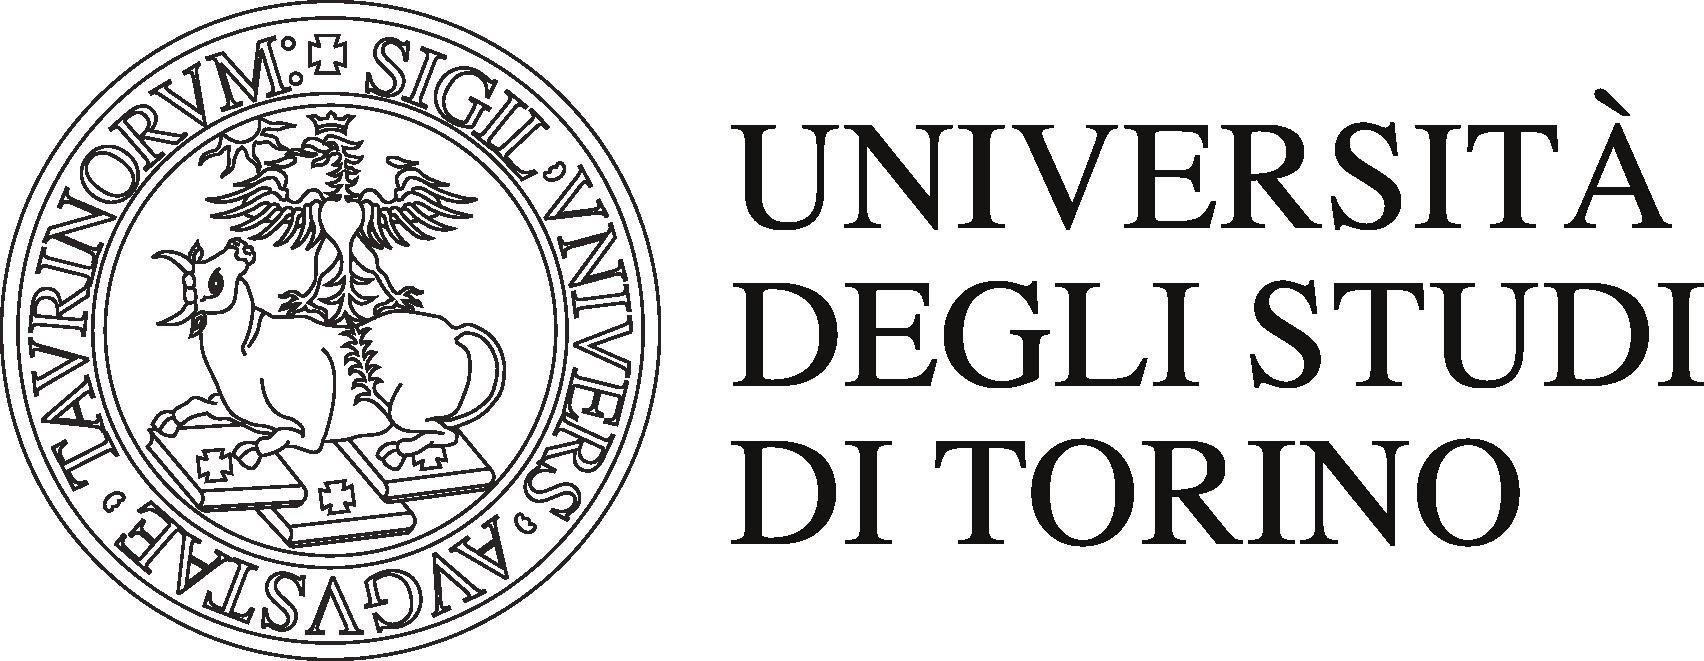 Il prof. Ugo Ugo Delfino è stato docente di Terapia del Dolore presso l'Università di Torino